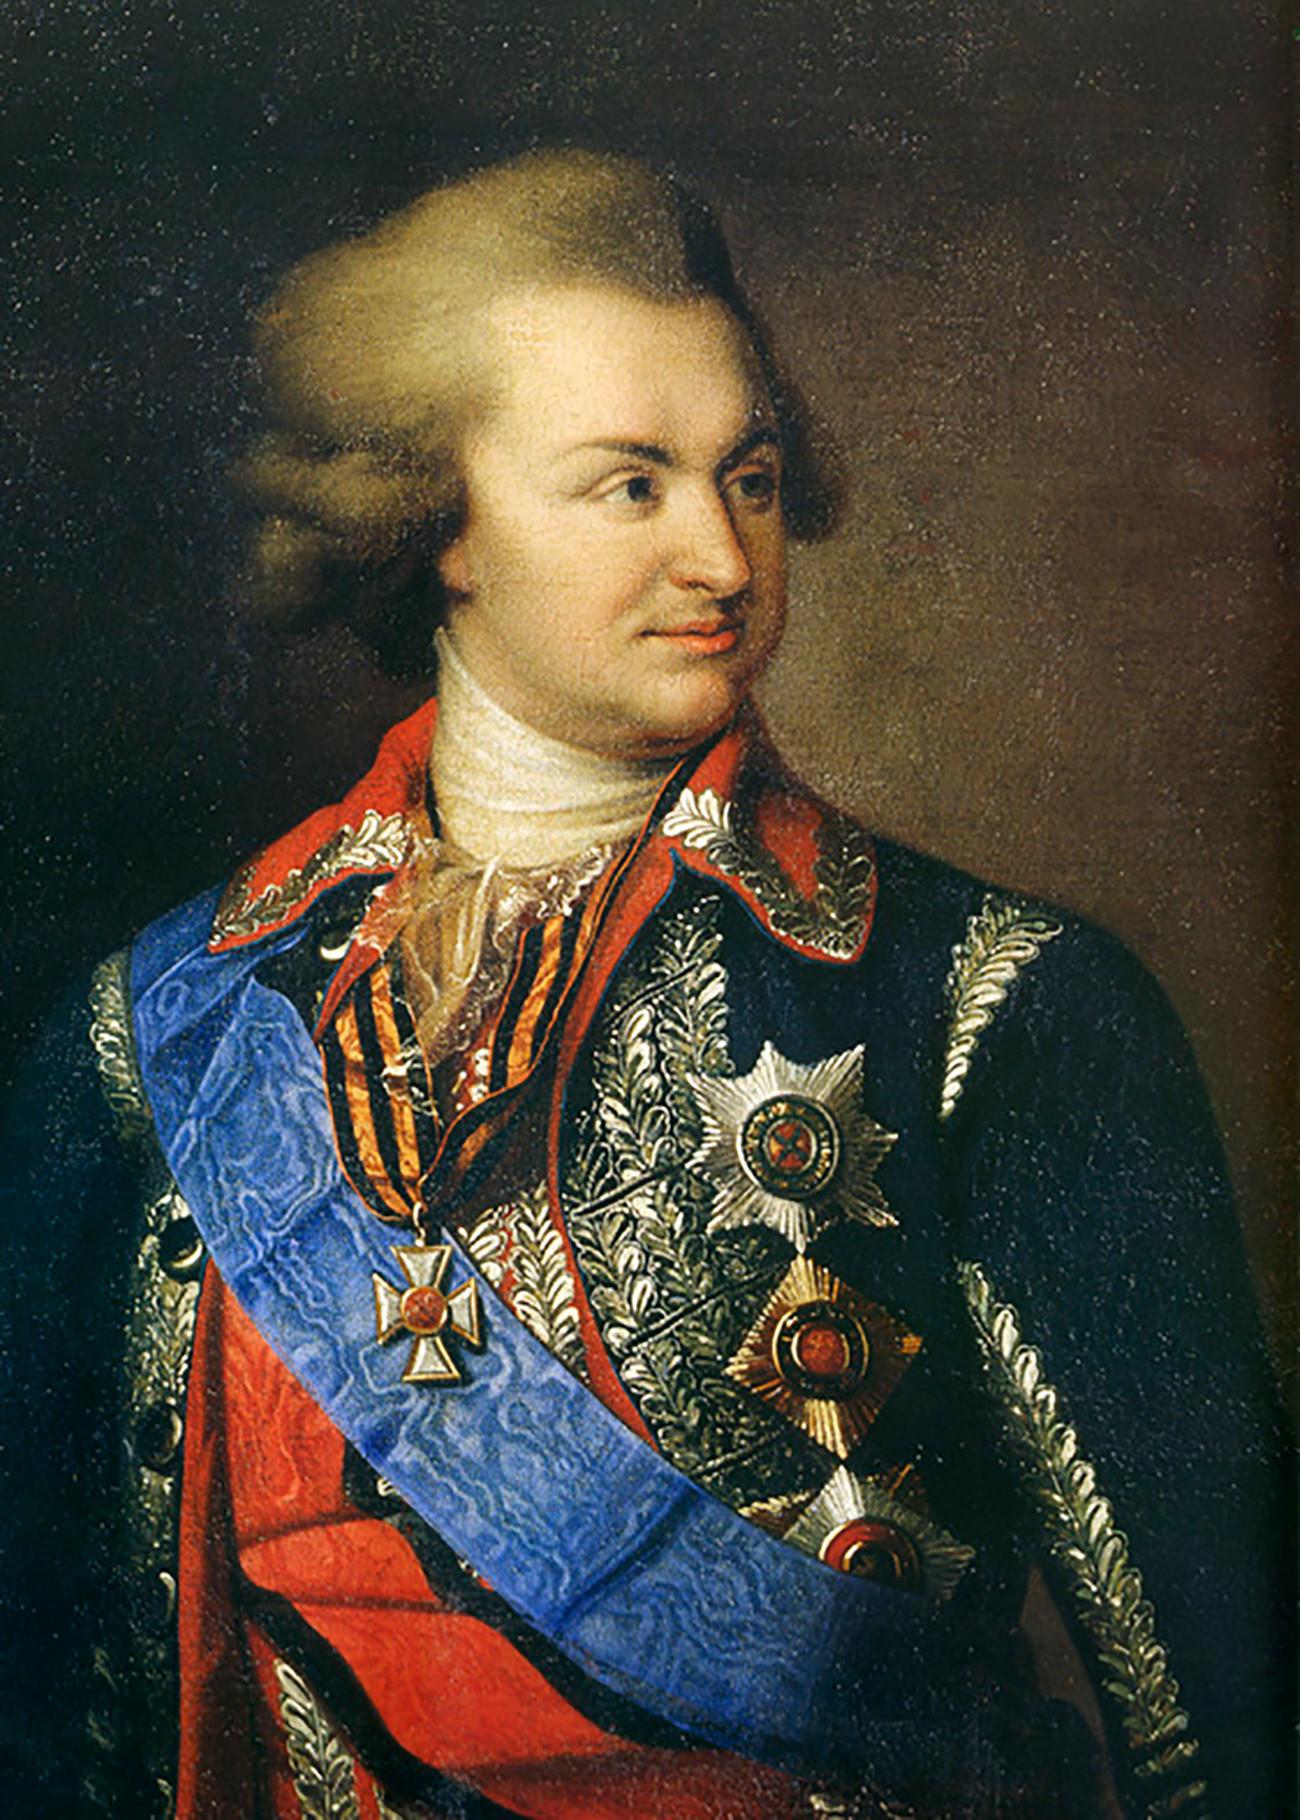 Grigorij Aleksandrovič Potemkin